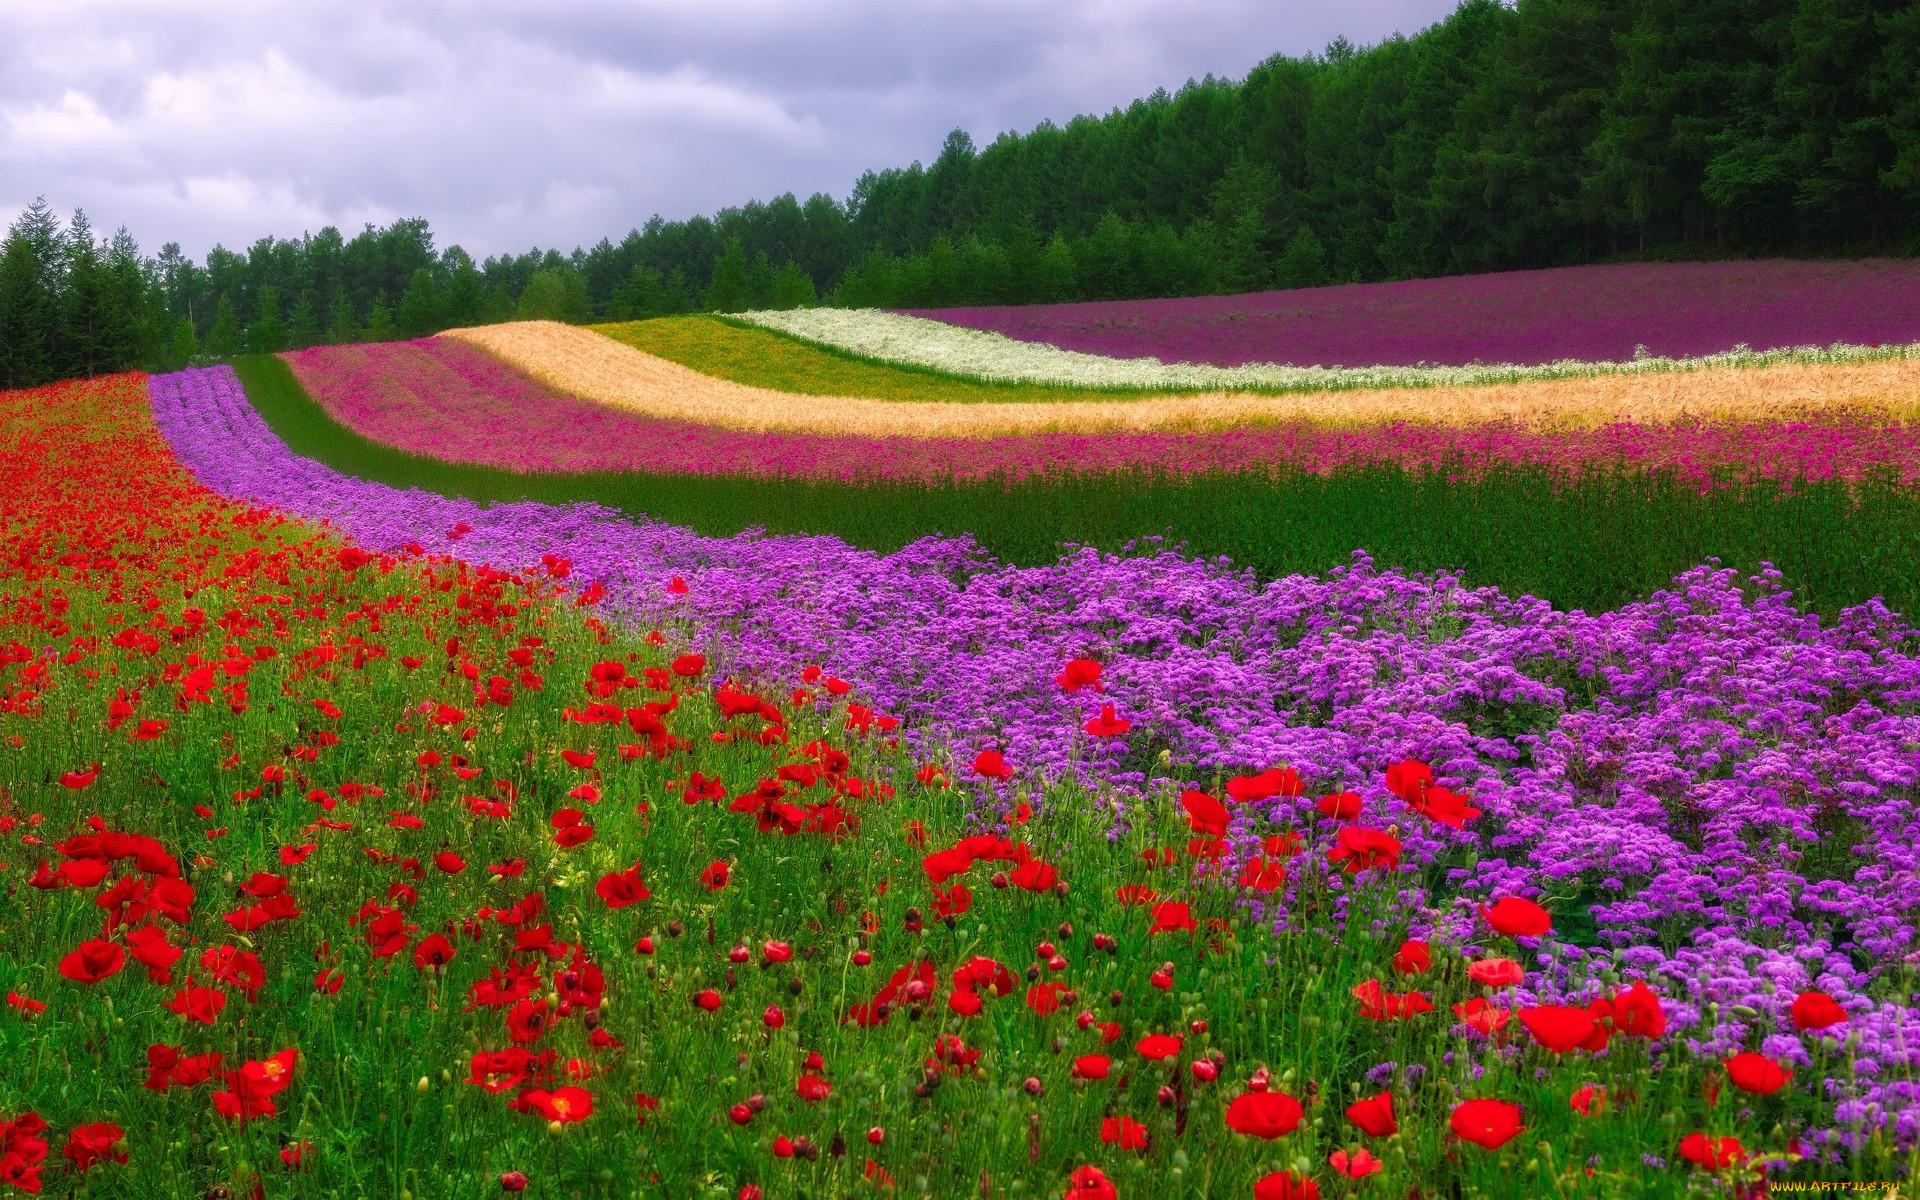 природа красивые картинки разные цветы замечательно поработал